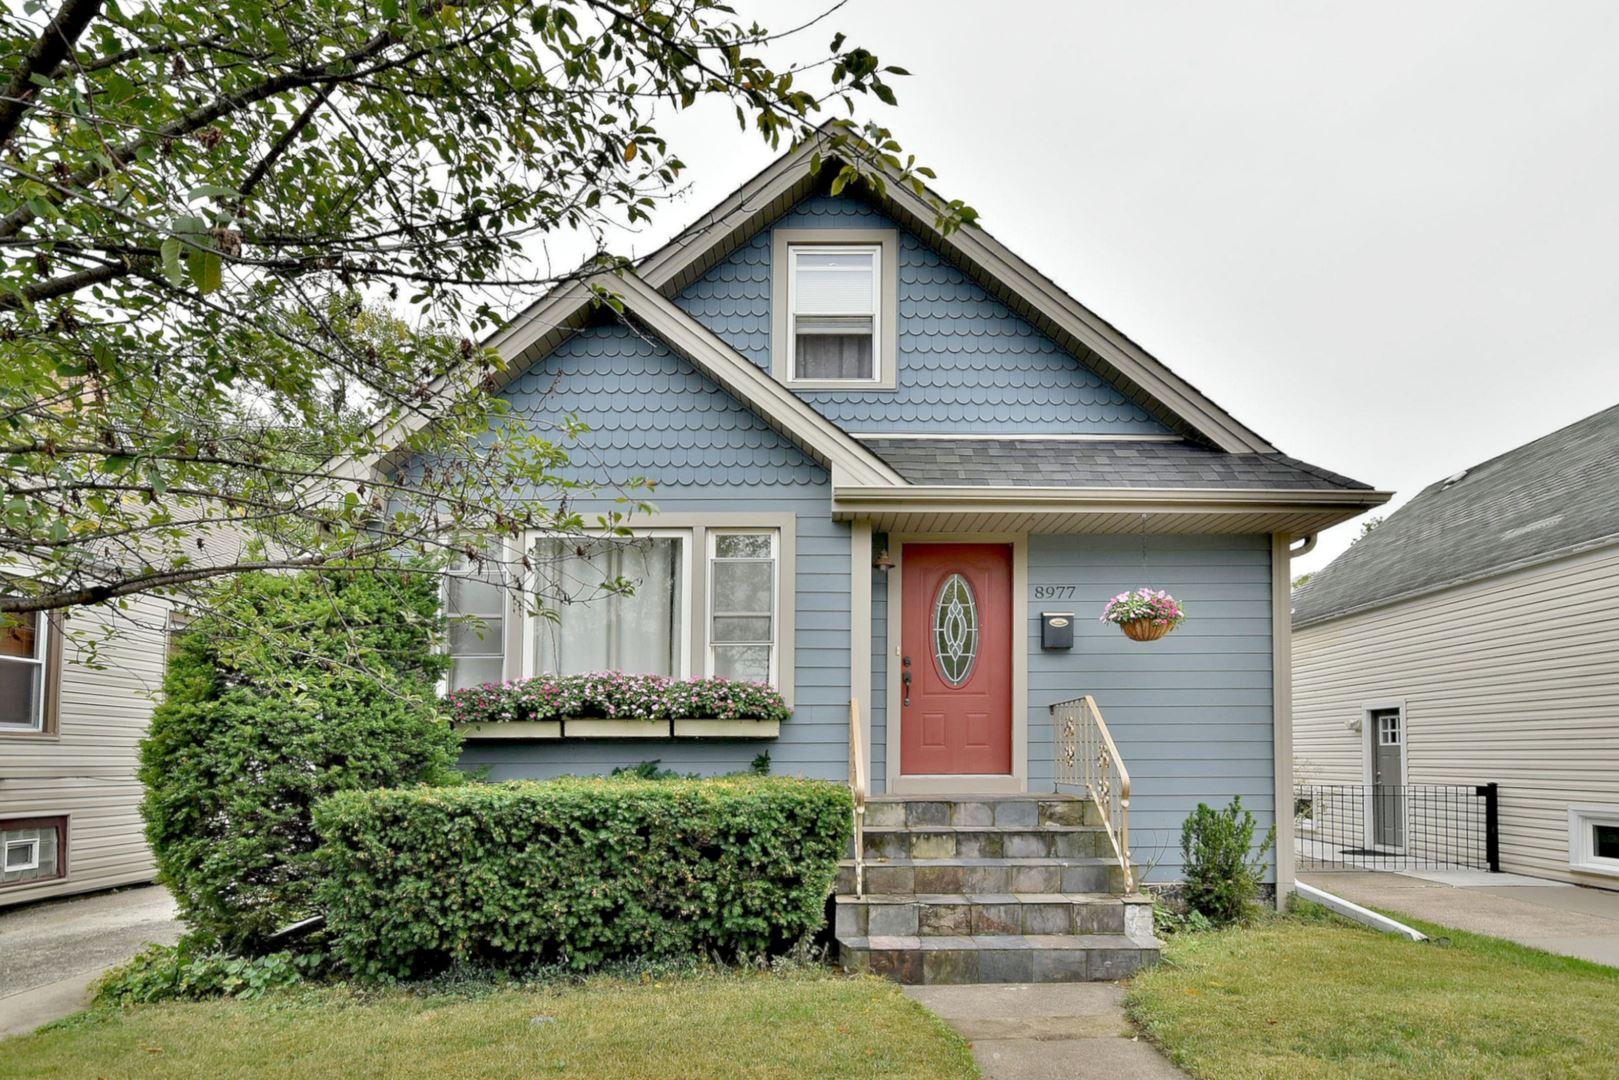 8977 Chestnut Avenue, River Grove, IL 60171 - #: 10855538